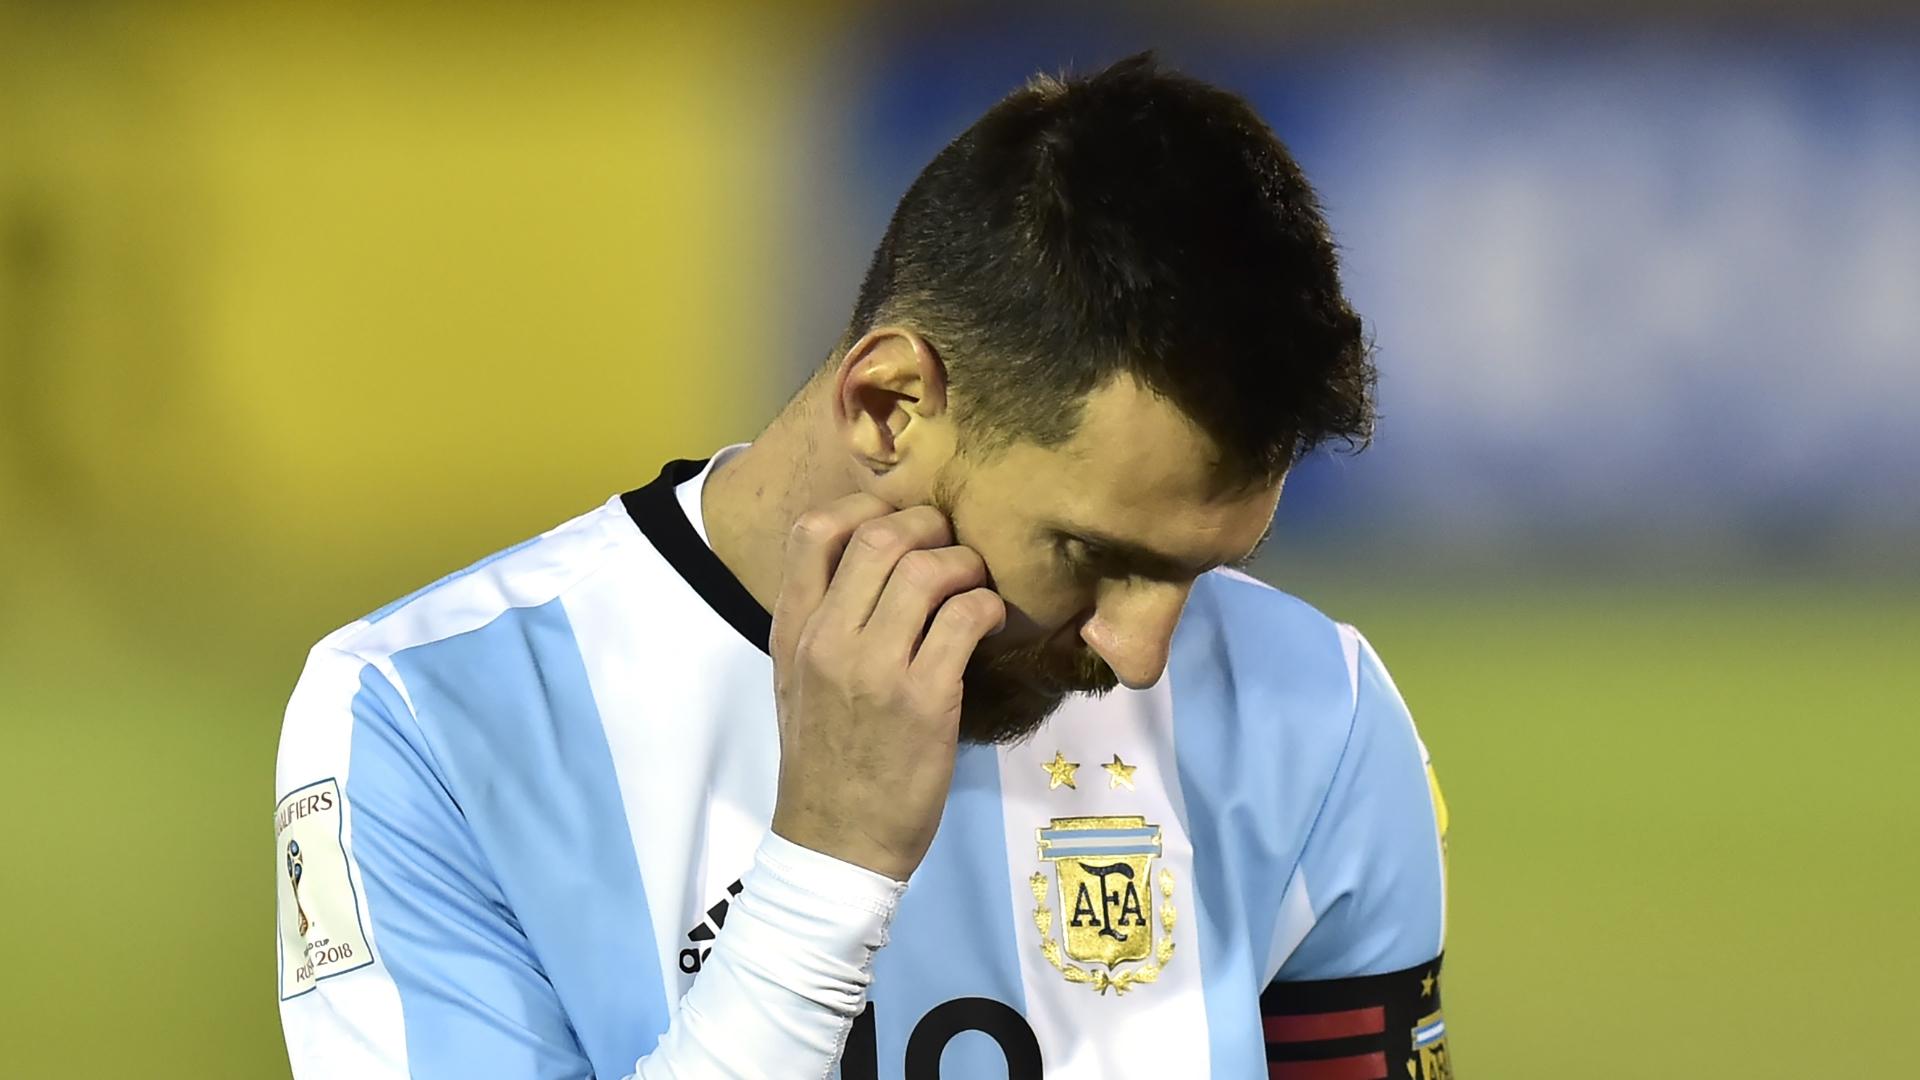 Lionel-messi-argentina_1gozeodwq6it6z661sjxknc7w